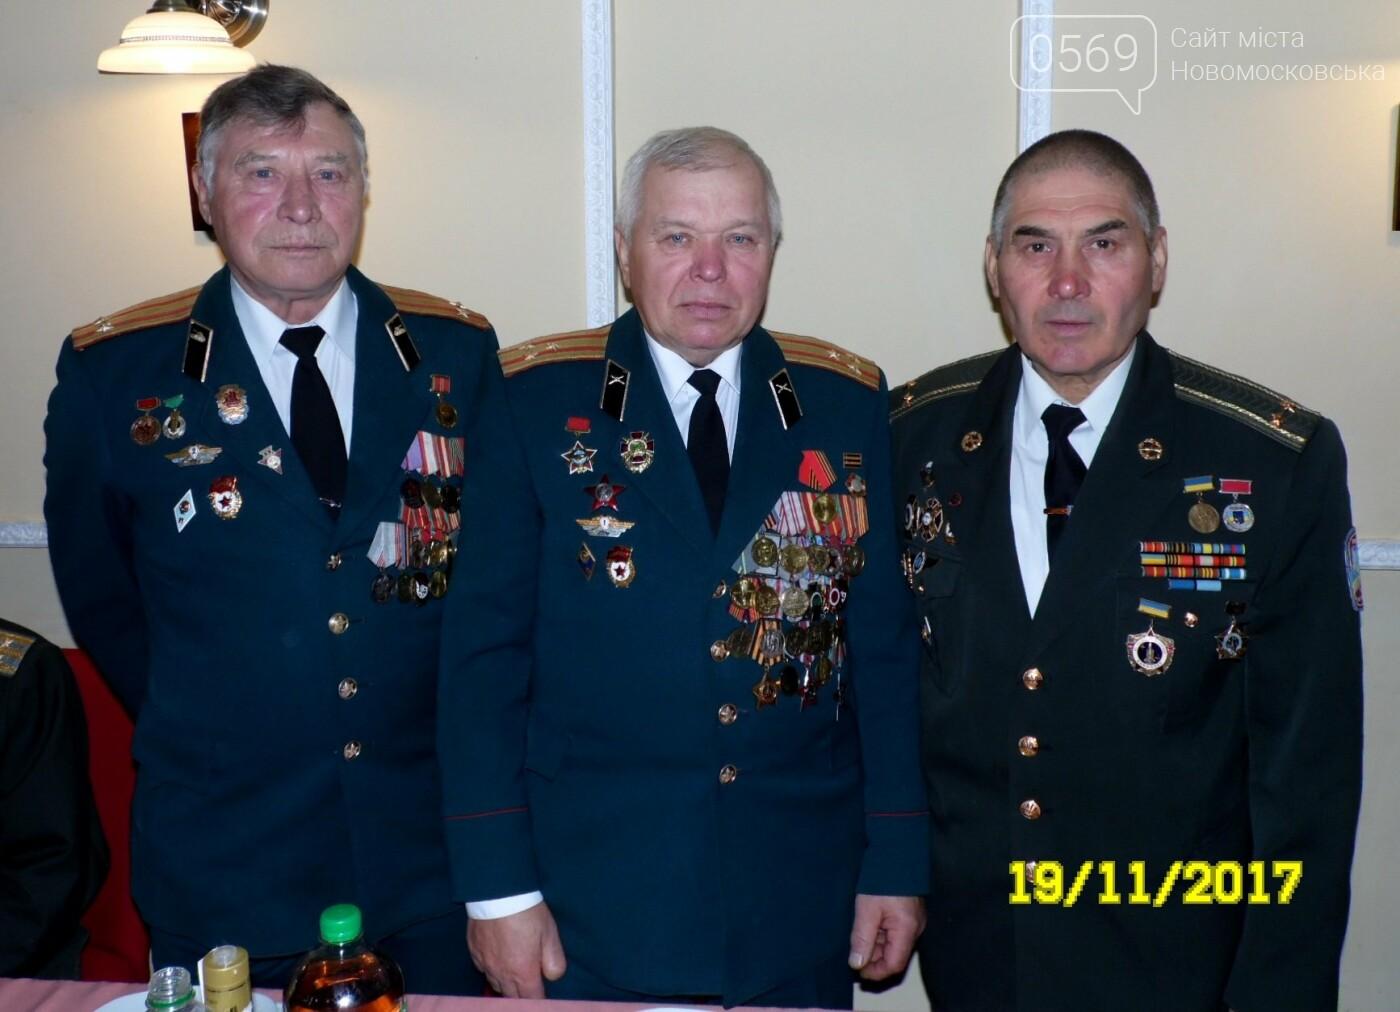 Новомосковские ветераны гвардейцы-артиллеристы отметили 75-летие Сталинградской битвы, фото-6